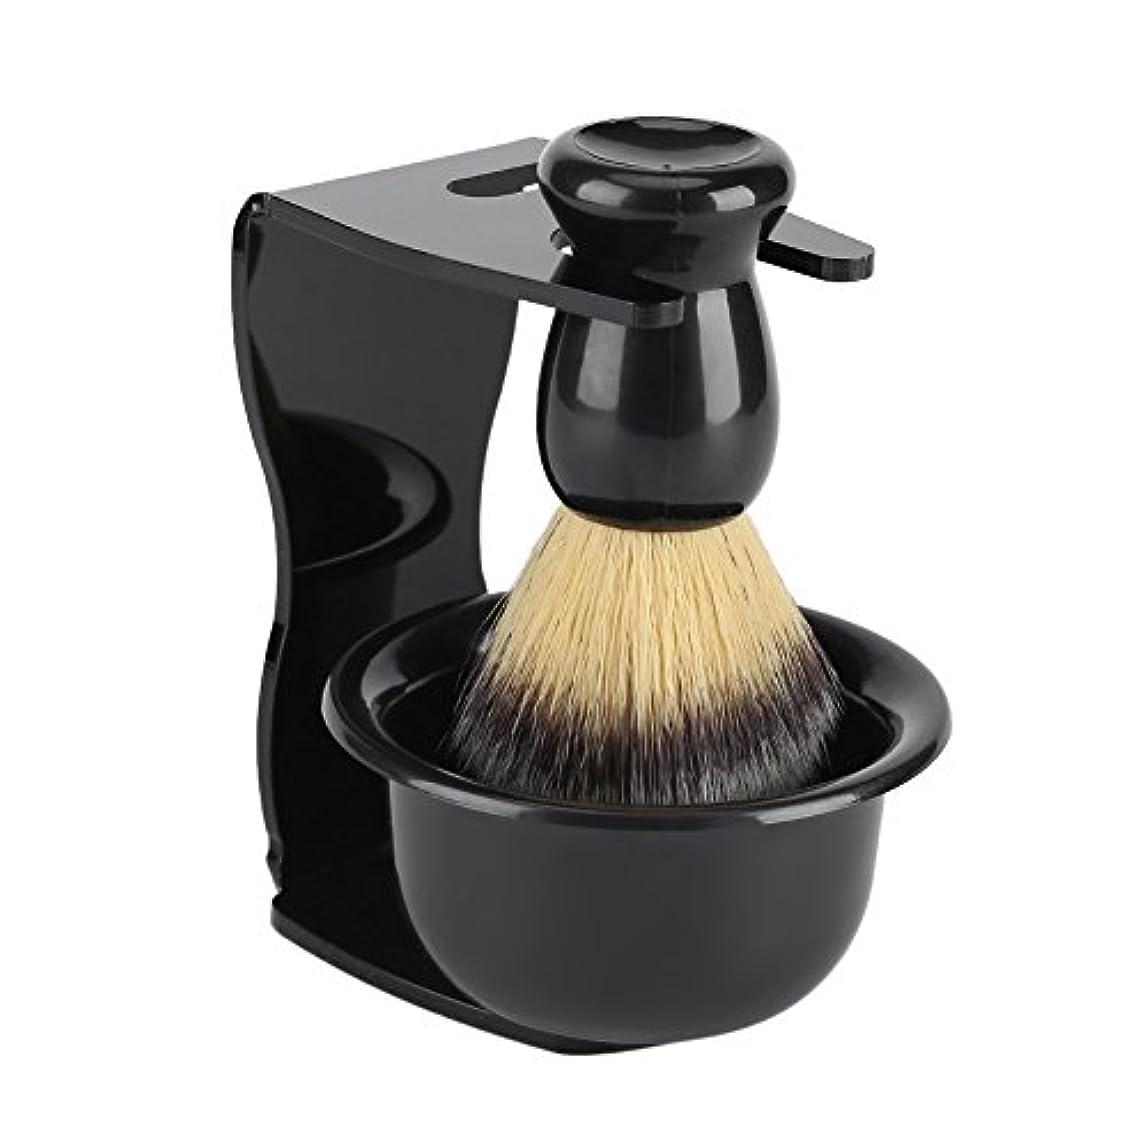 彼らむしろドックシェービングブラシ 3点セット 純粋なバッガーヘアシェービングブラシ プロフェッショナルメンズ 洗顔 髭 剃り 泡立ち 洗顔ブラシ シェービングブラシ スタンド ホルダー ボウル